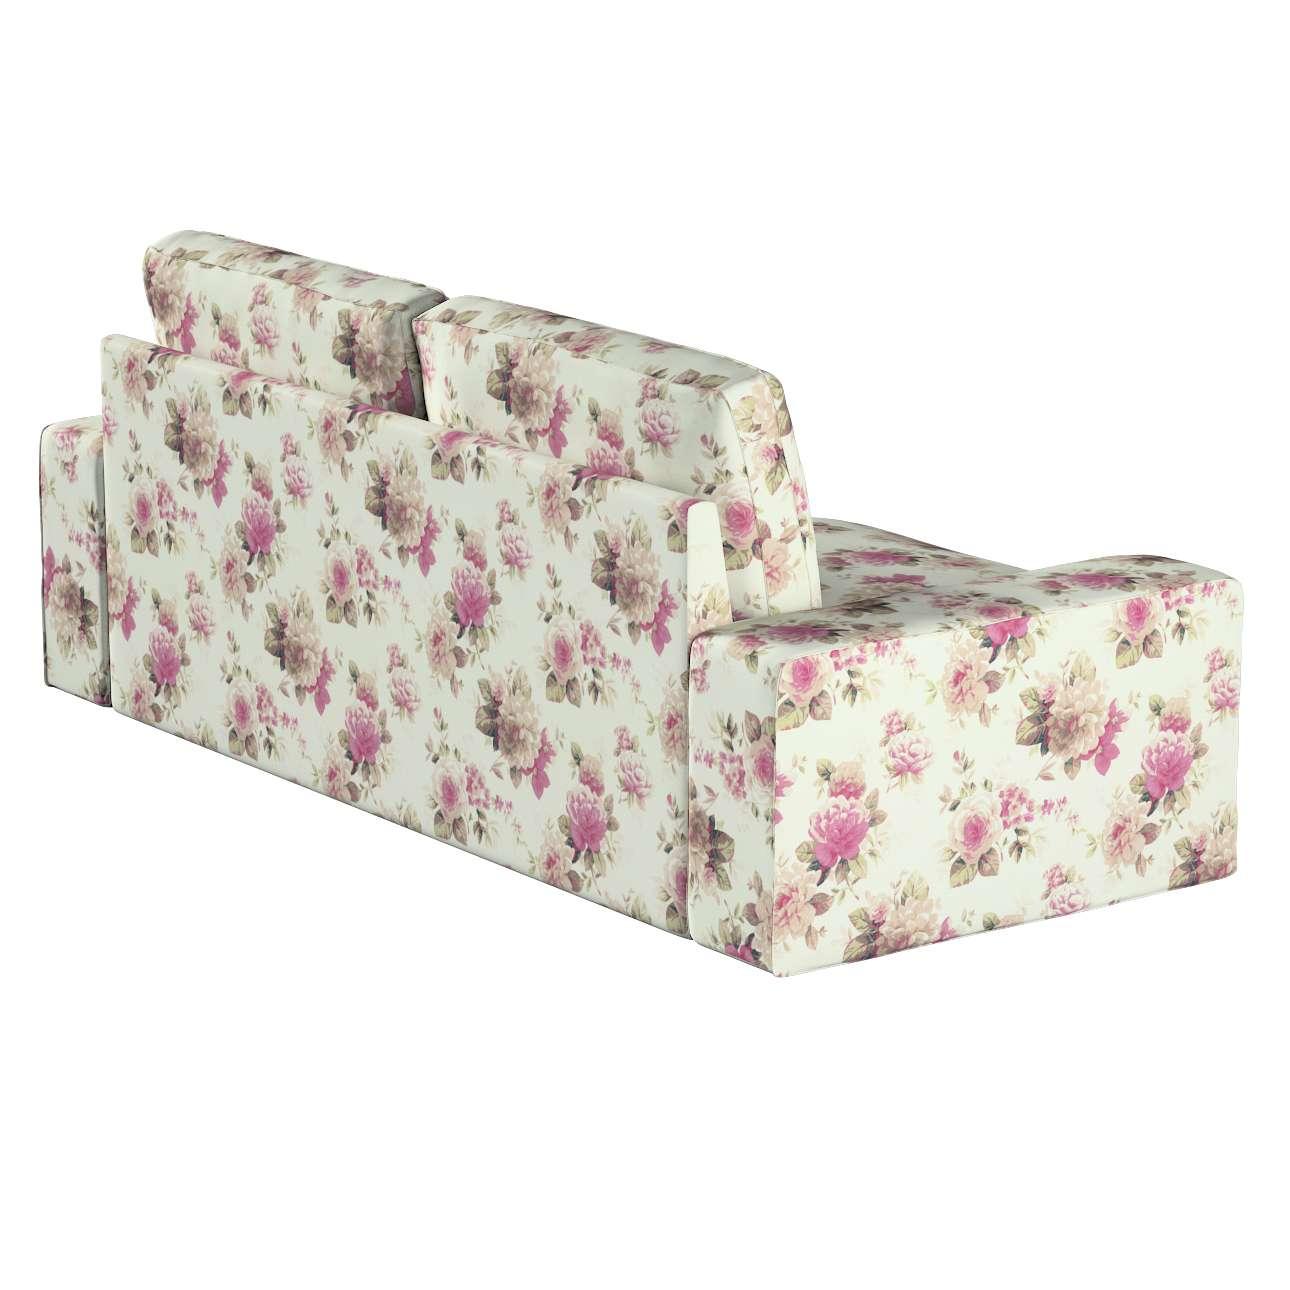 Pokrowiec na sofę Kivik 3-osobową, rozkładaną w kolekcji Londres, tkanina: 141-07